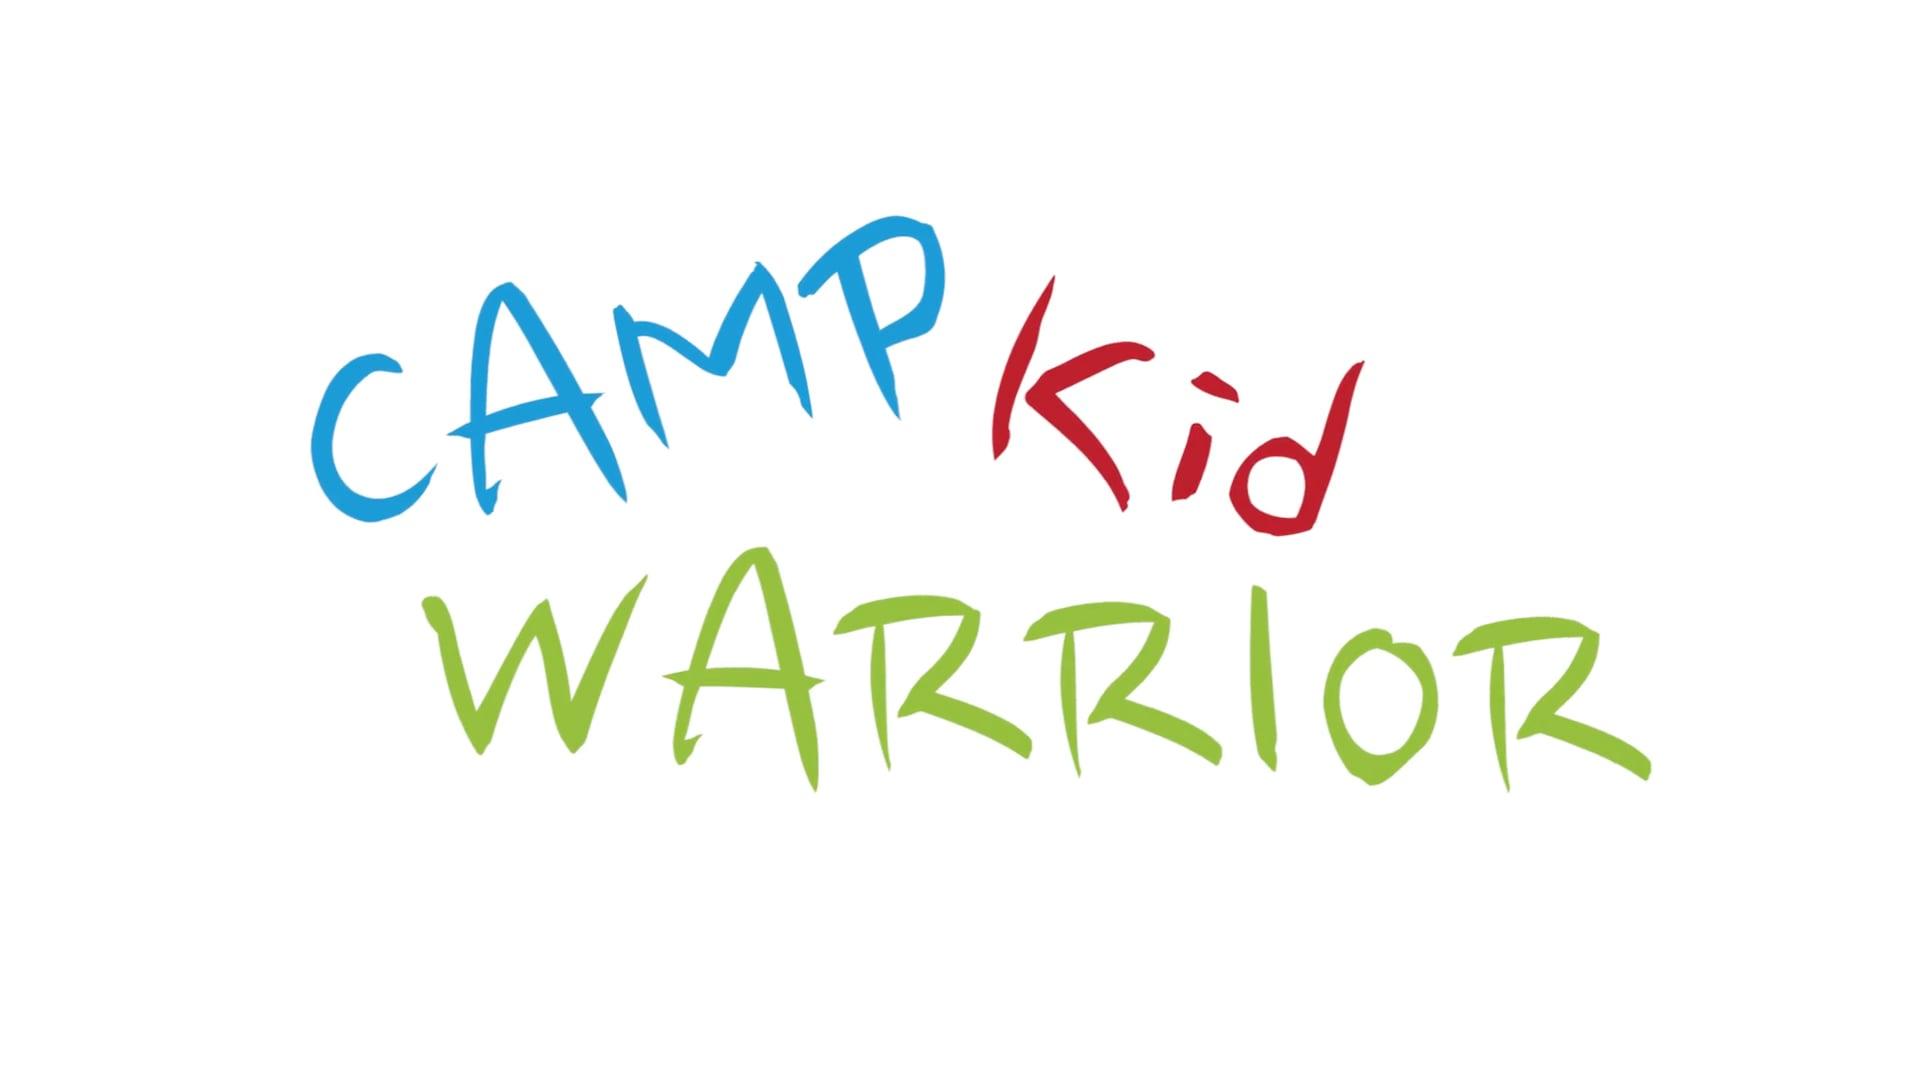 Camp Kid Warrior - 3min spot